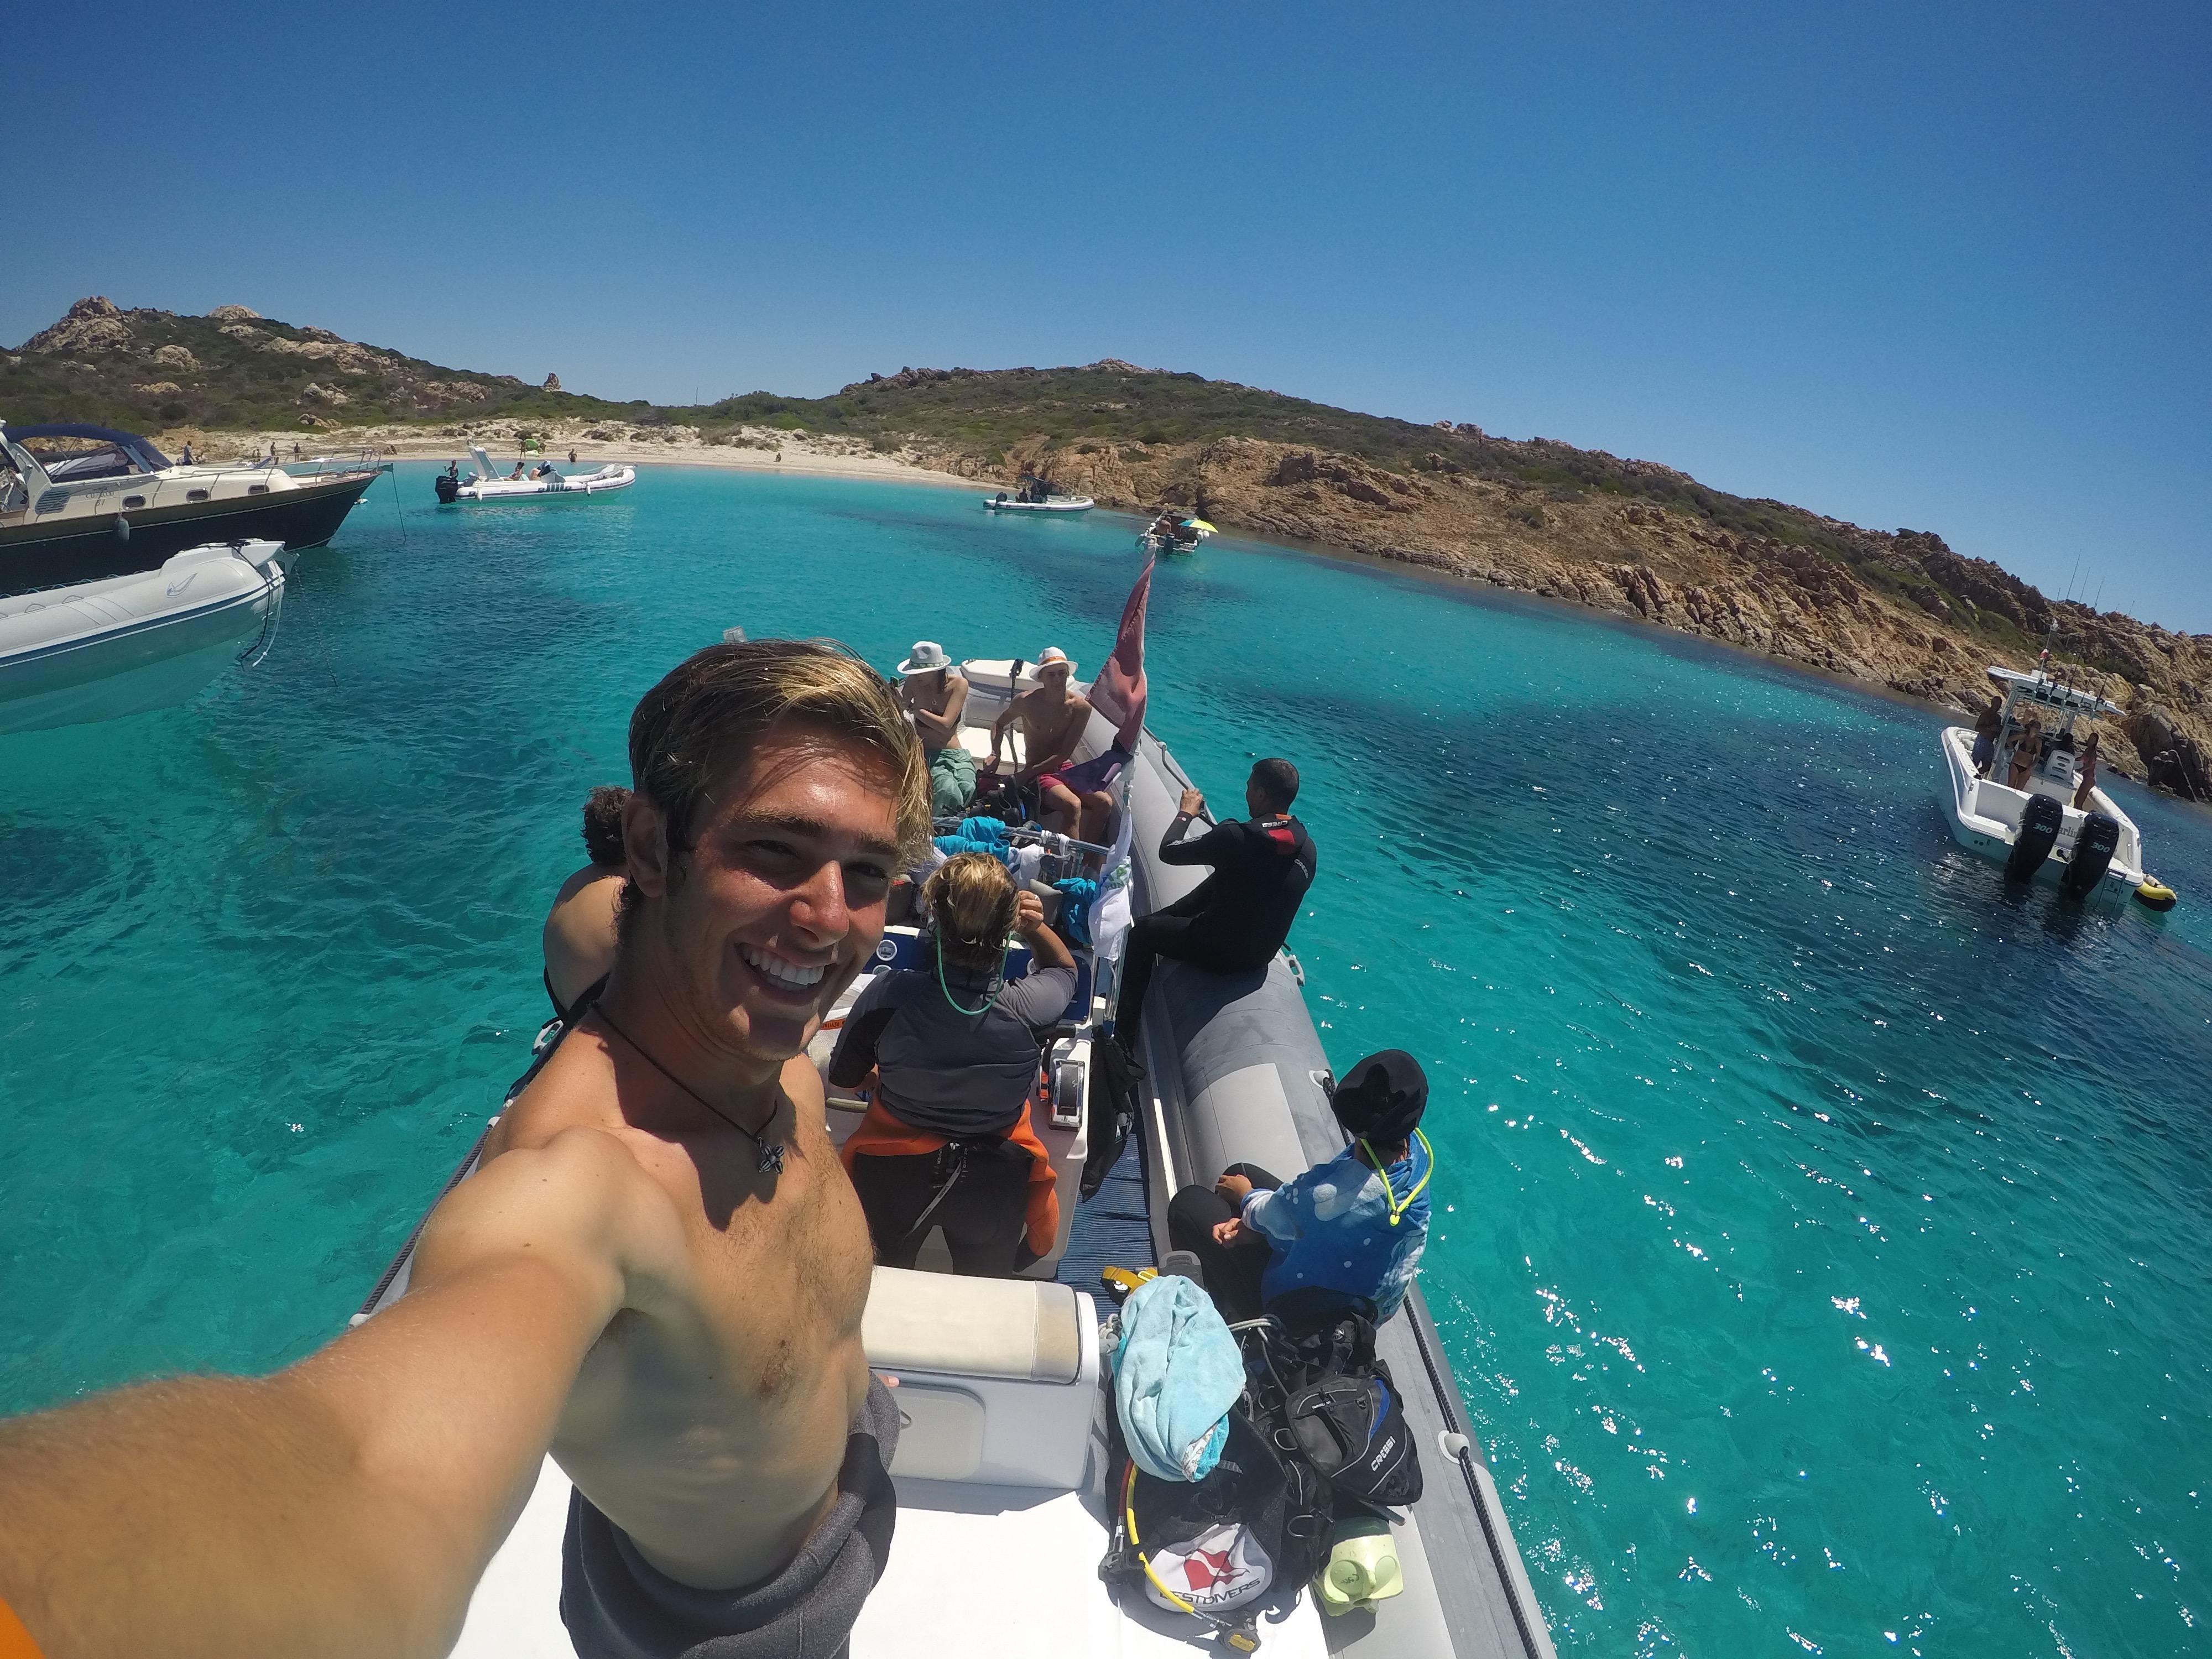 Snorkelling nel Parco Nazionale dell'arcipelago di La Maddalena